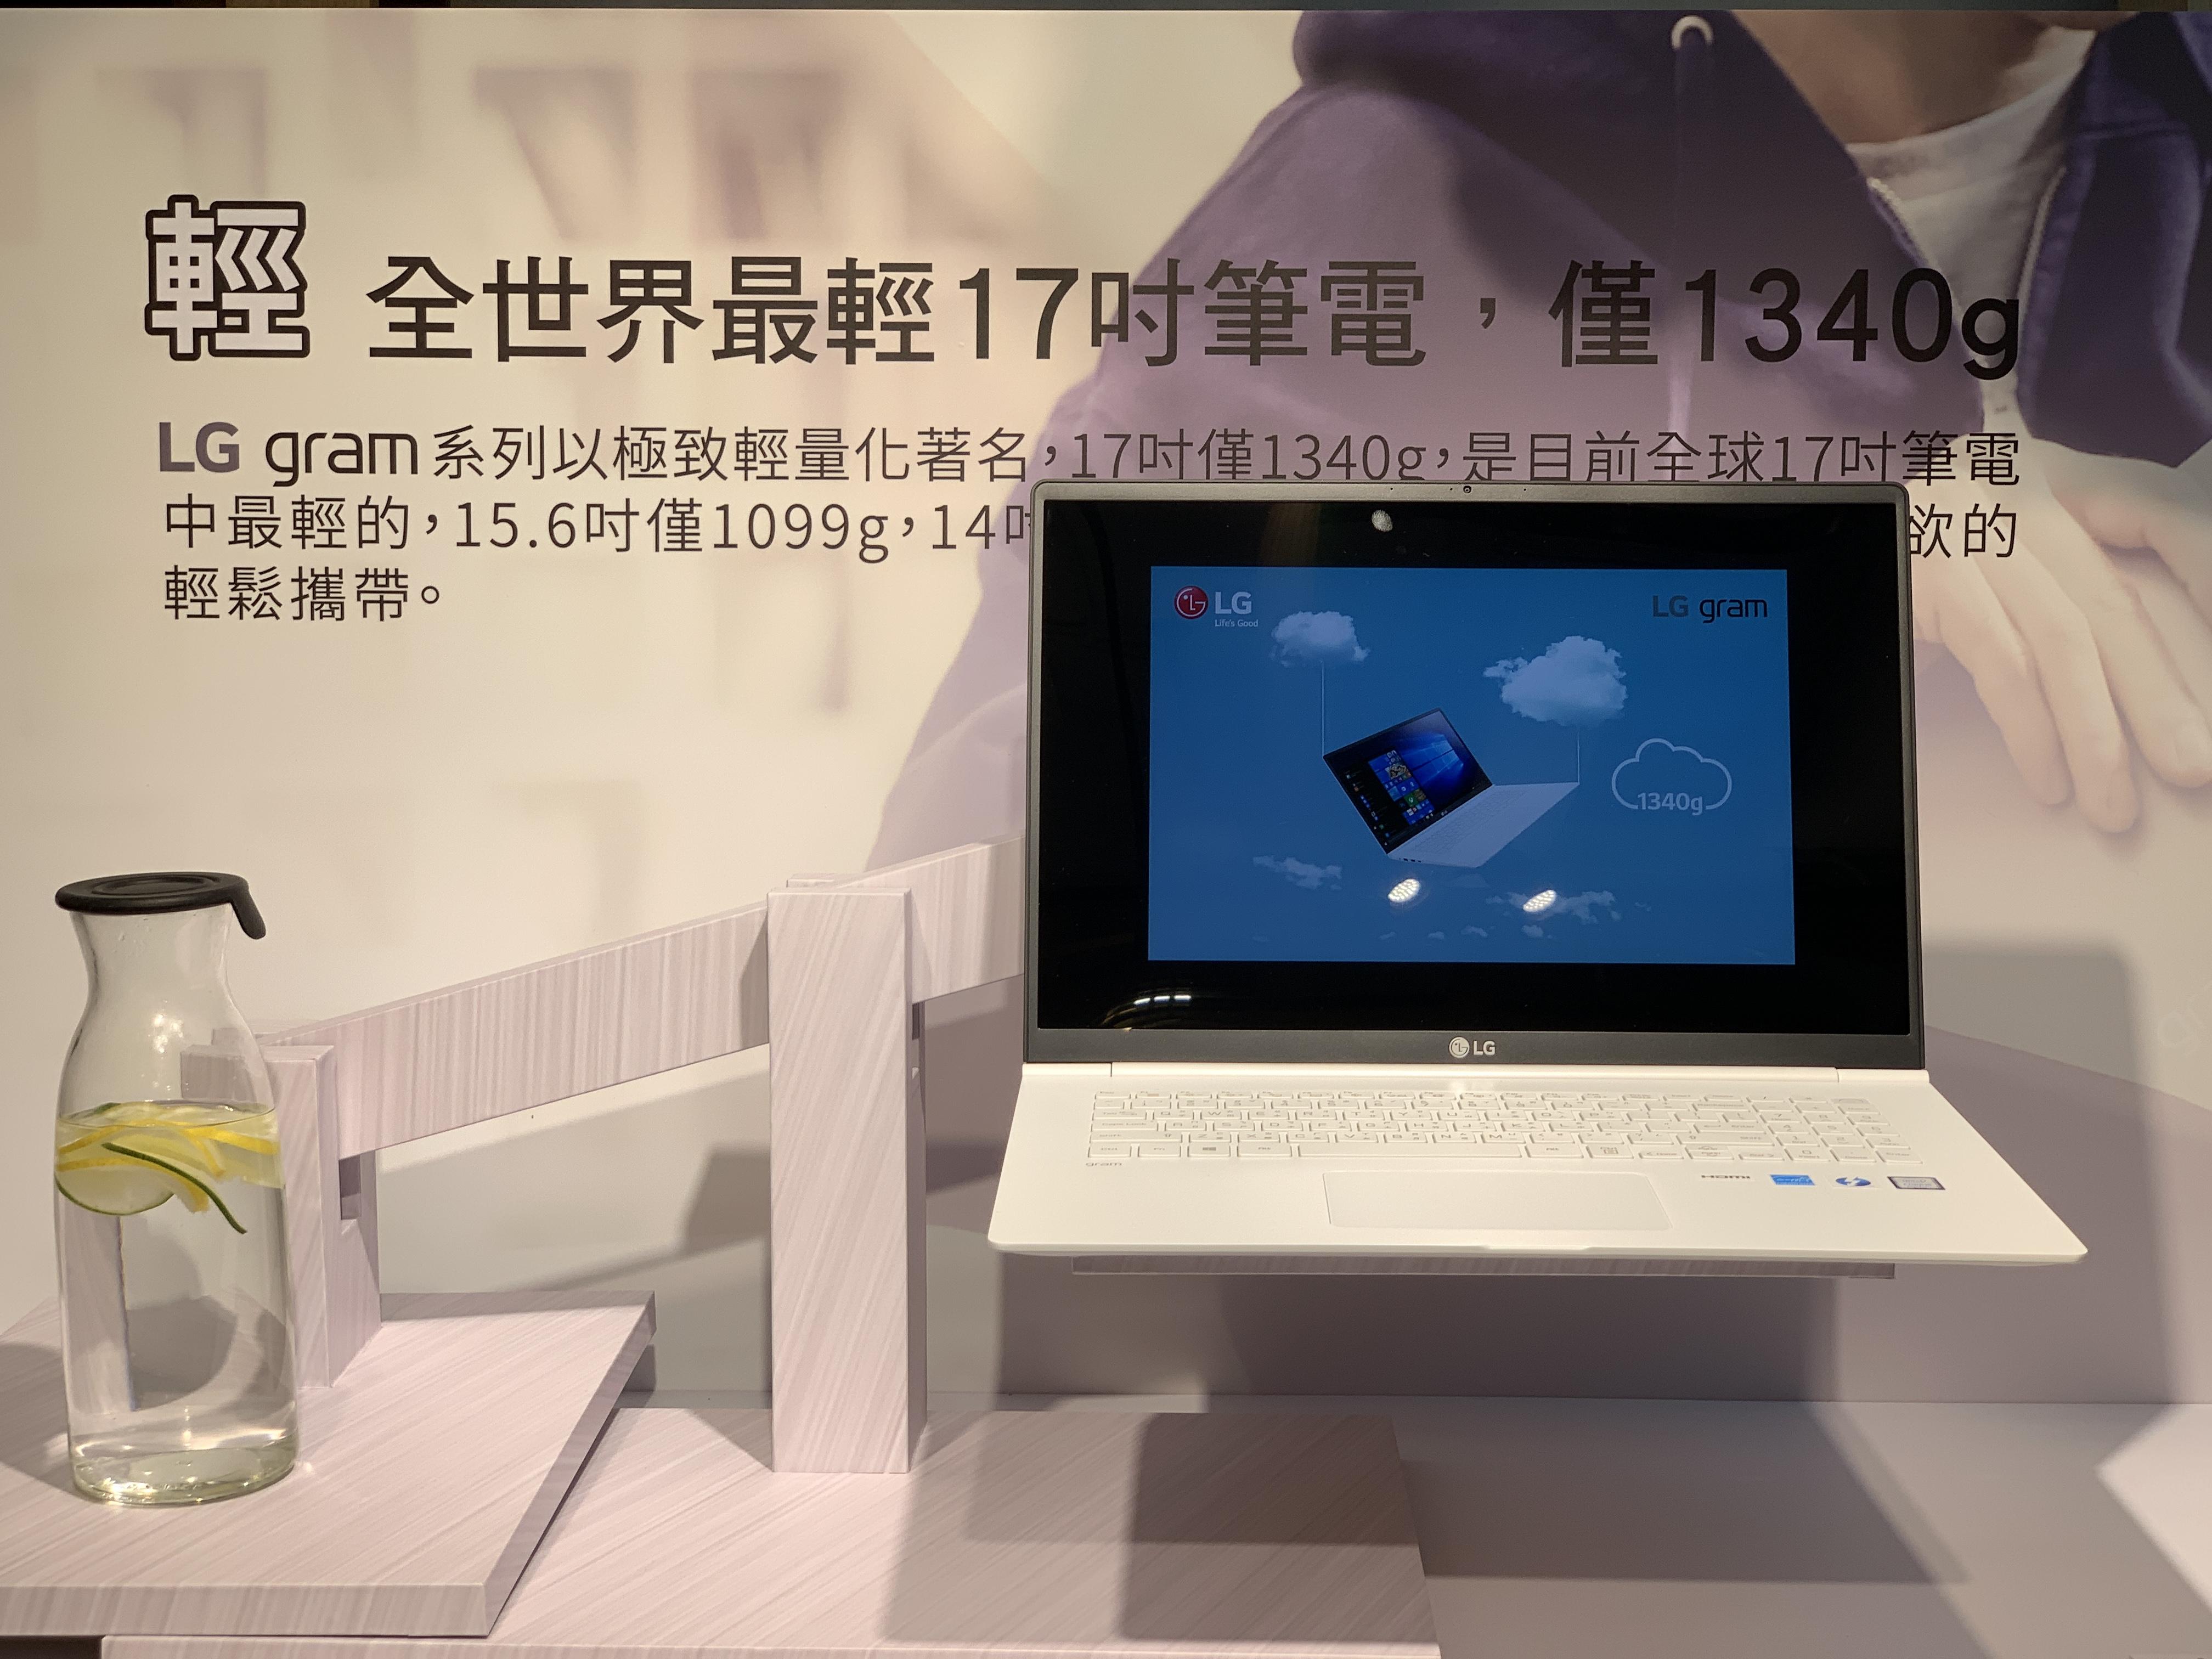 LG gram 1340g 全球最『輕』17吋筆電